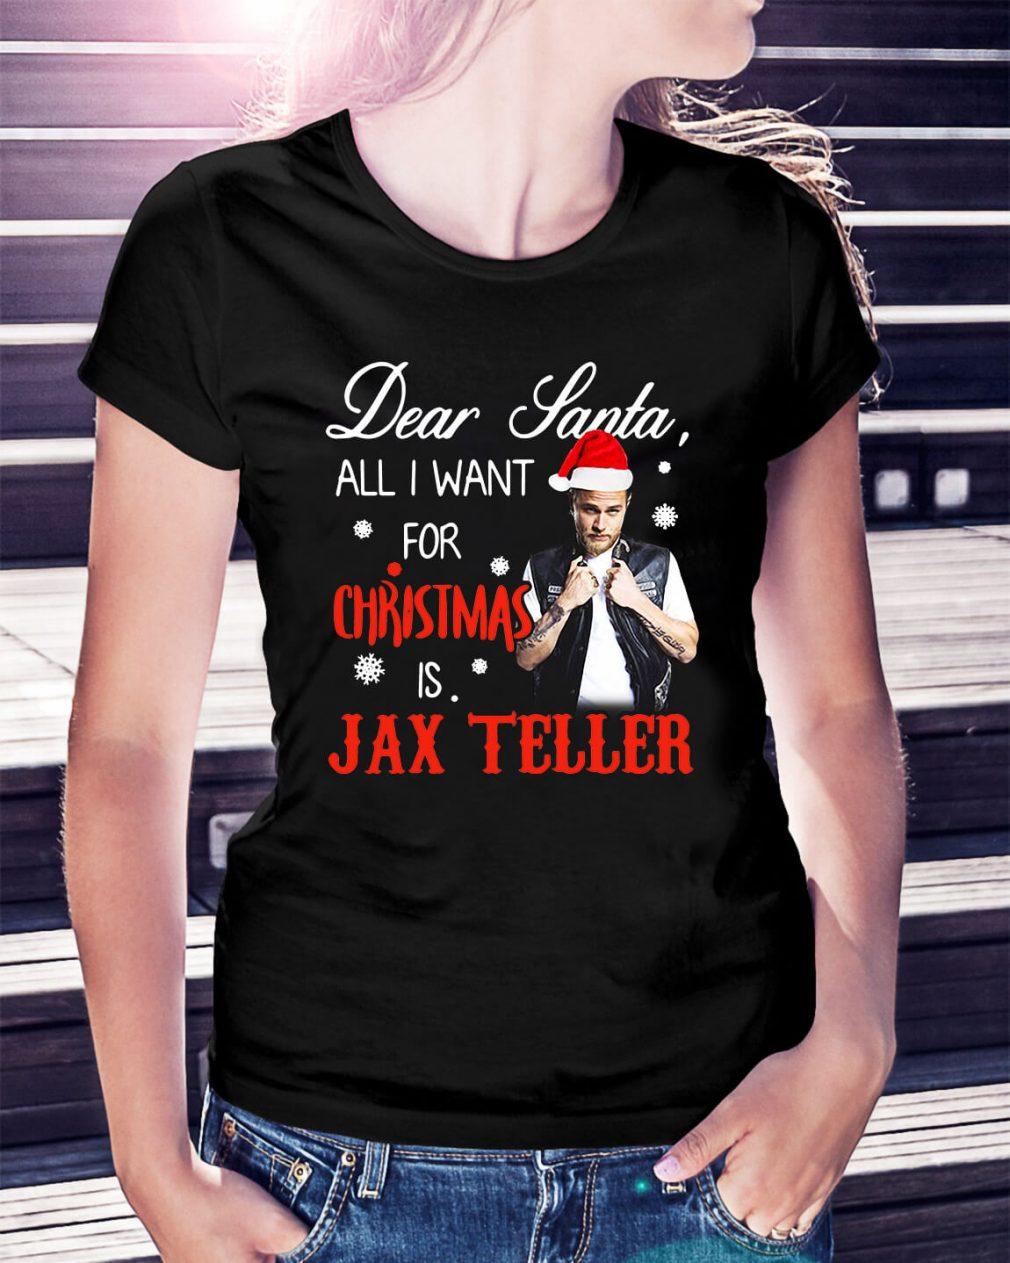 Charlie Hunnam - Dear Santa all I want for Christmas Ladies Tee